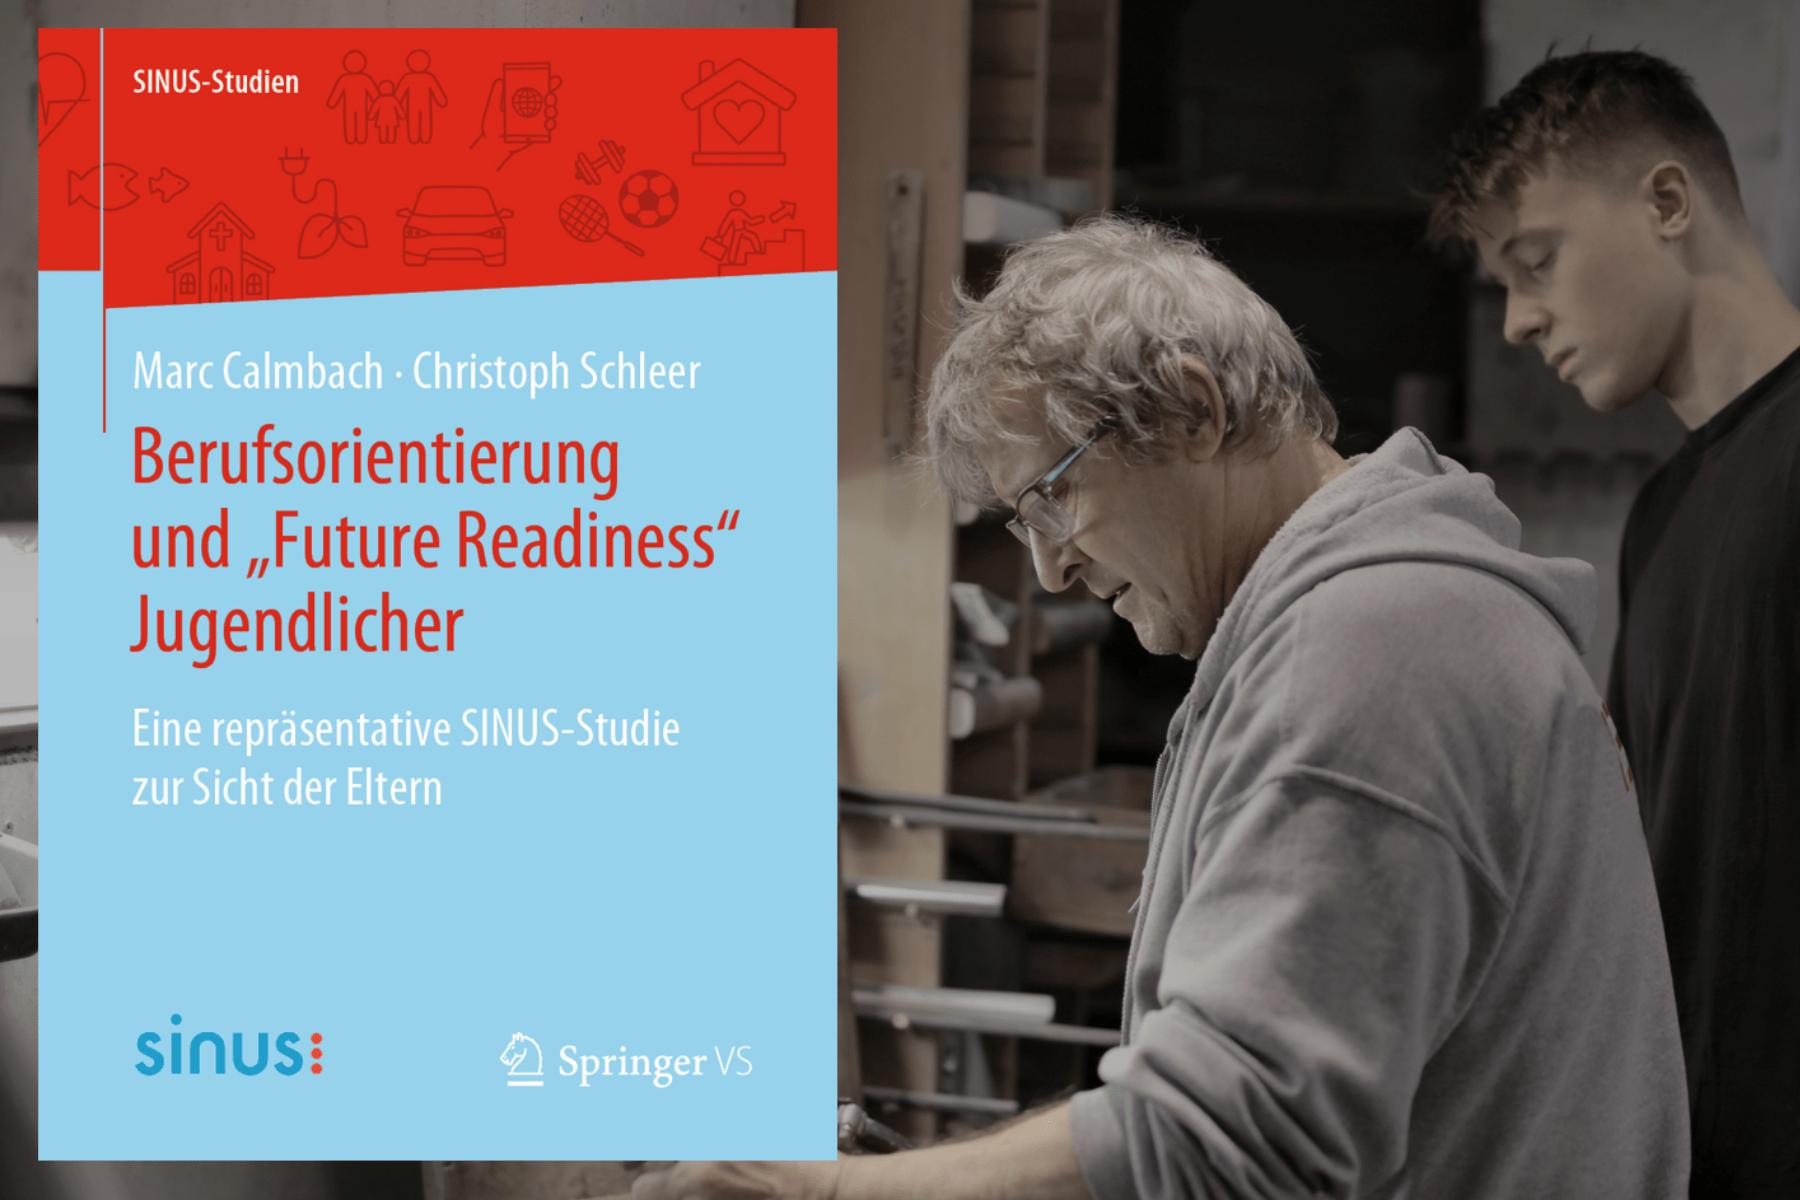 """Neues SINUS-Buch: Berufsorientierung und """"Future Readiness"""" Jugendlicher"""